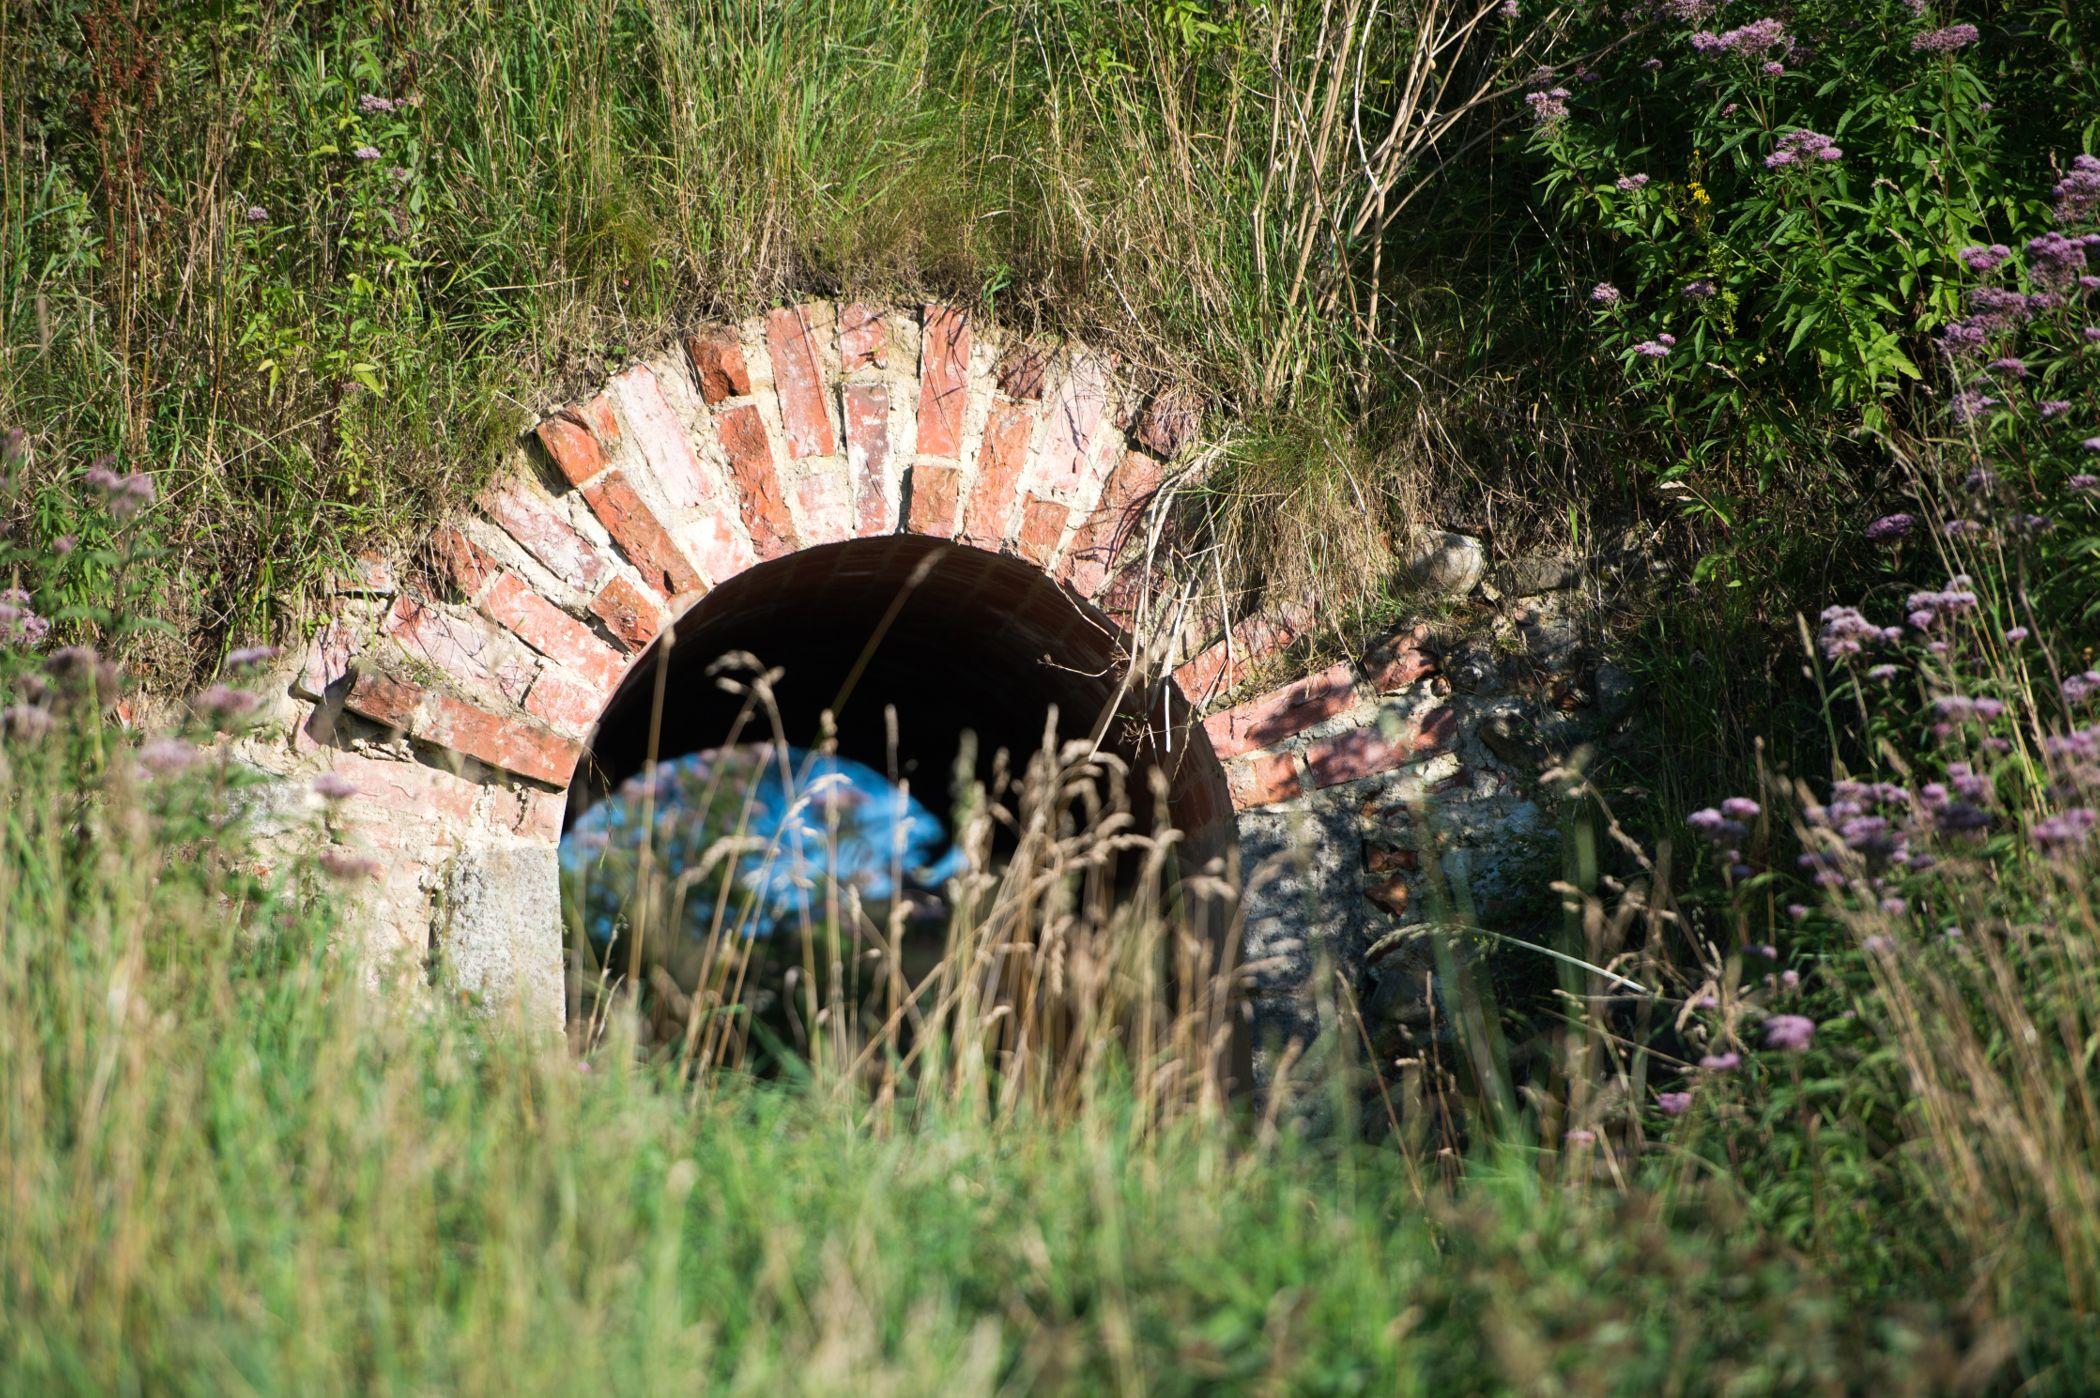 Maagaardphotos-Hald Ruin.jpg